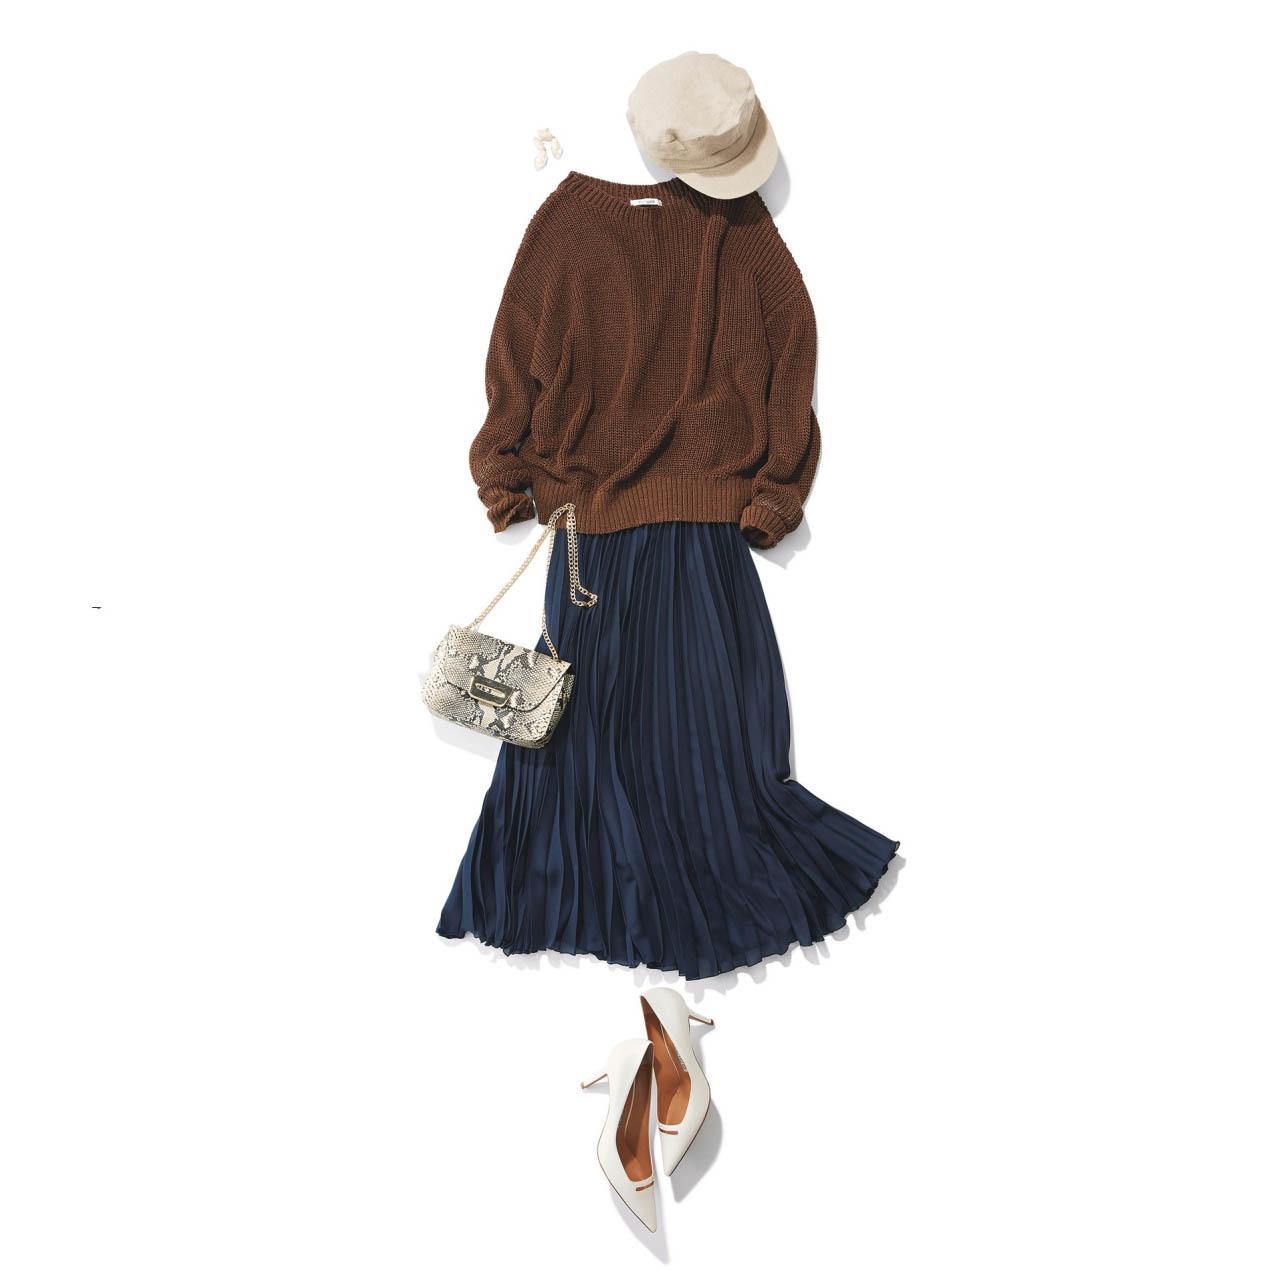 ■帽子×ニット×プリーツスカートコーデ